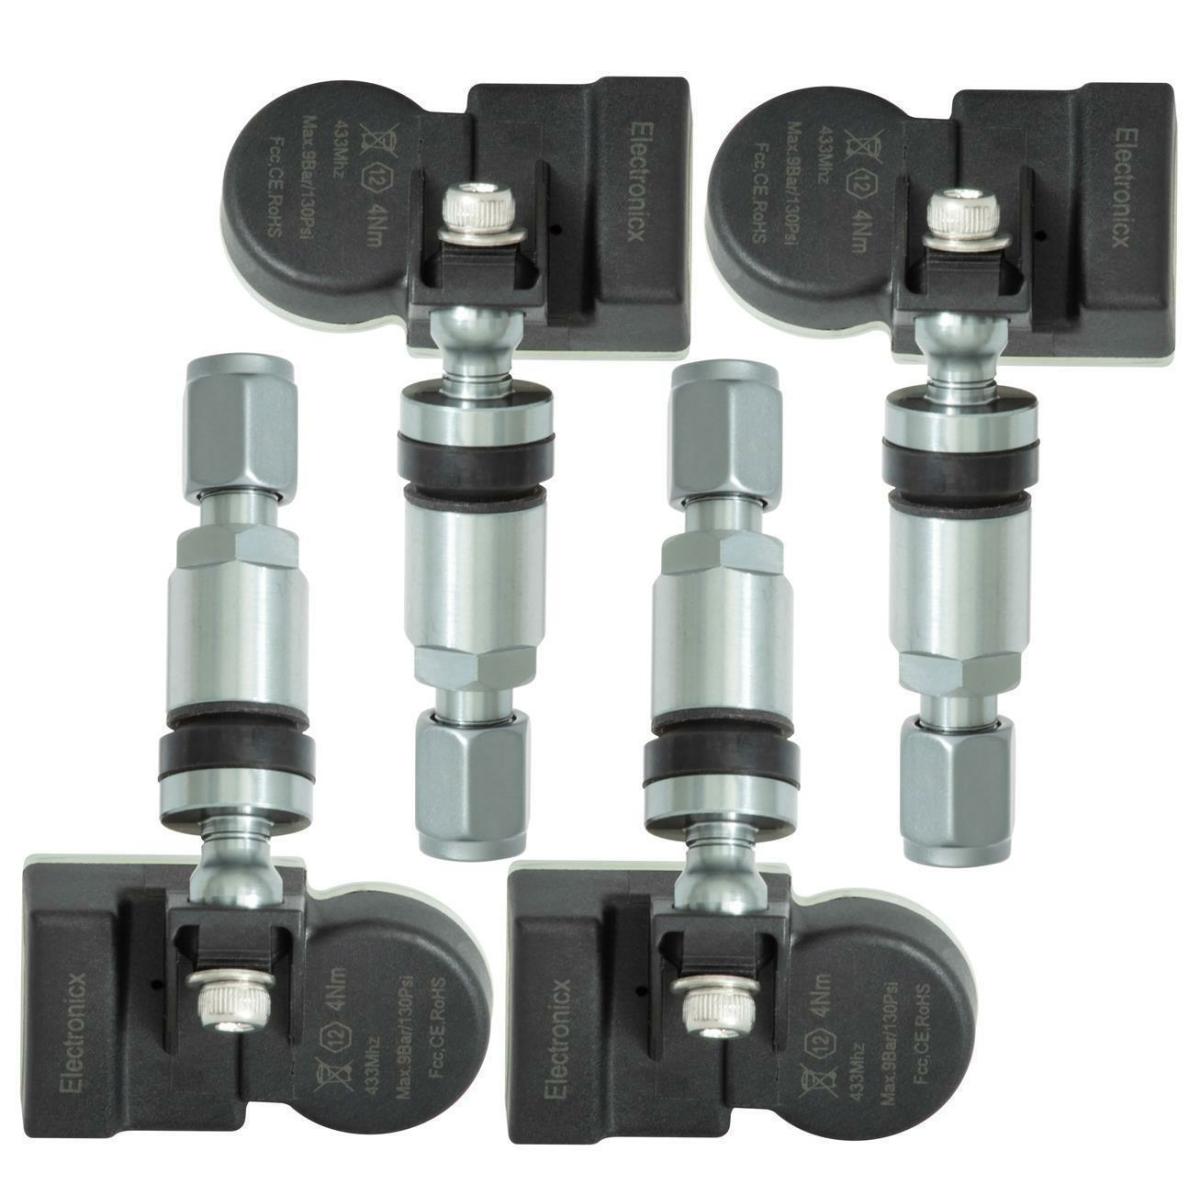 Reifendrucksensoren RDKS Sensoren Metallventil Gunmetal für Geely EC7 EV SC6 SX7